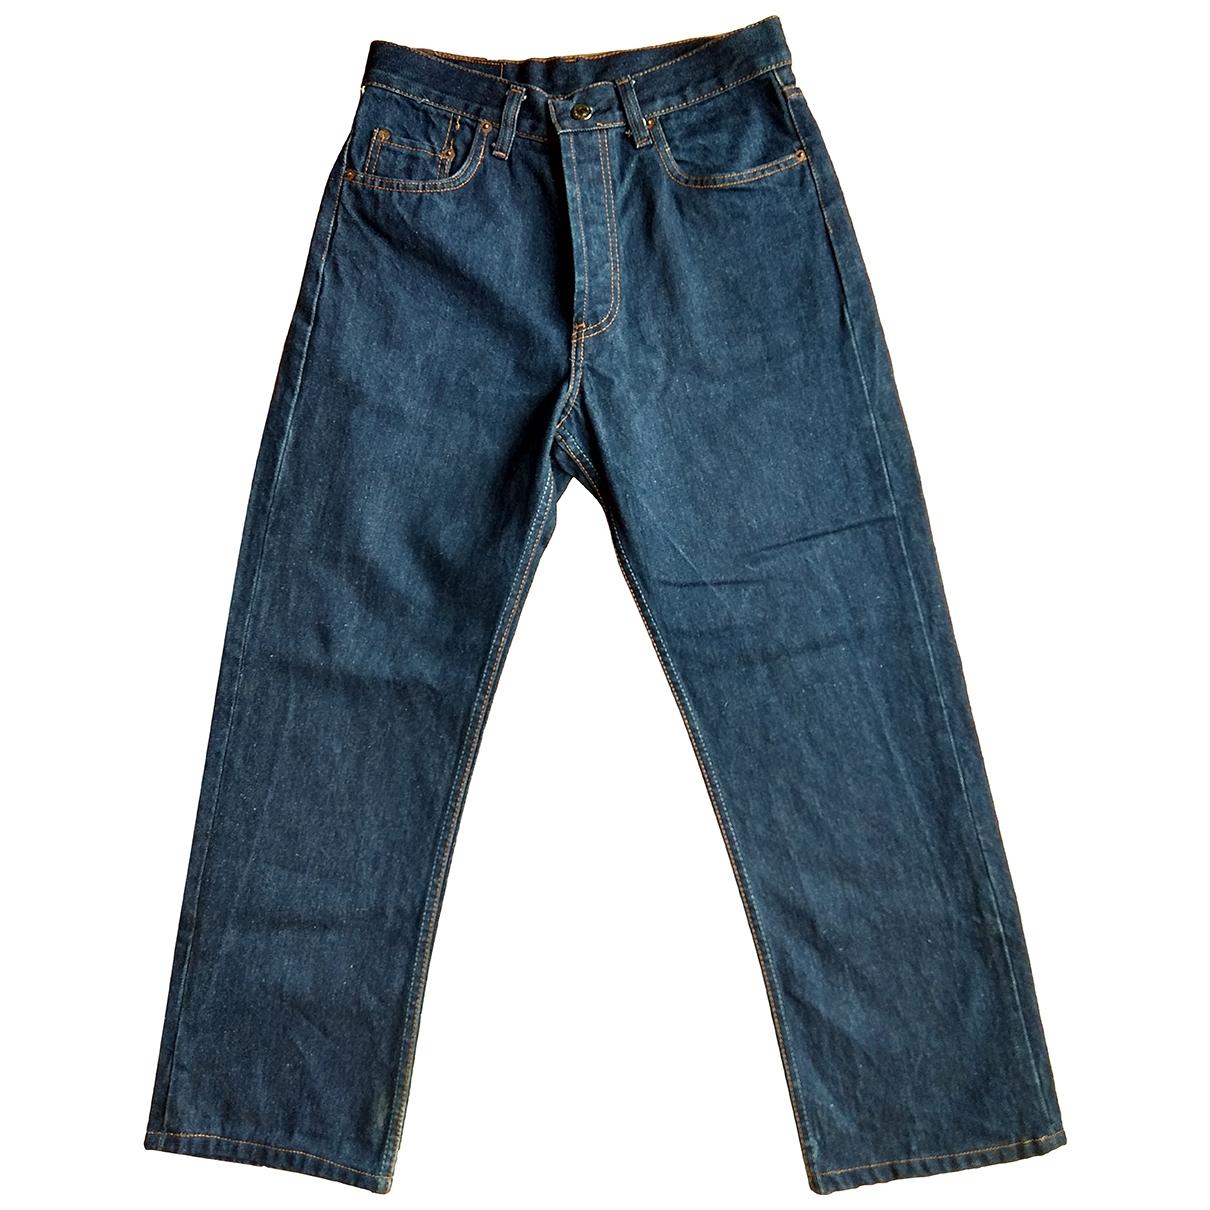 Levi's 501 Blue Cotton Jeans for Women 31 US